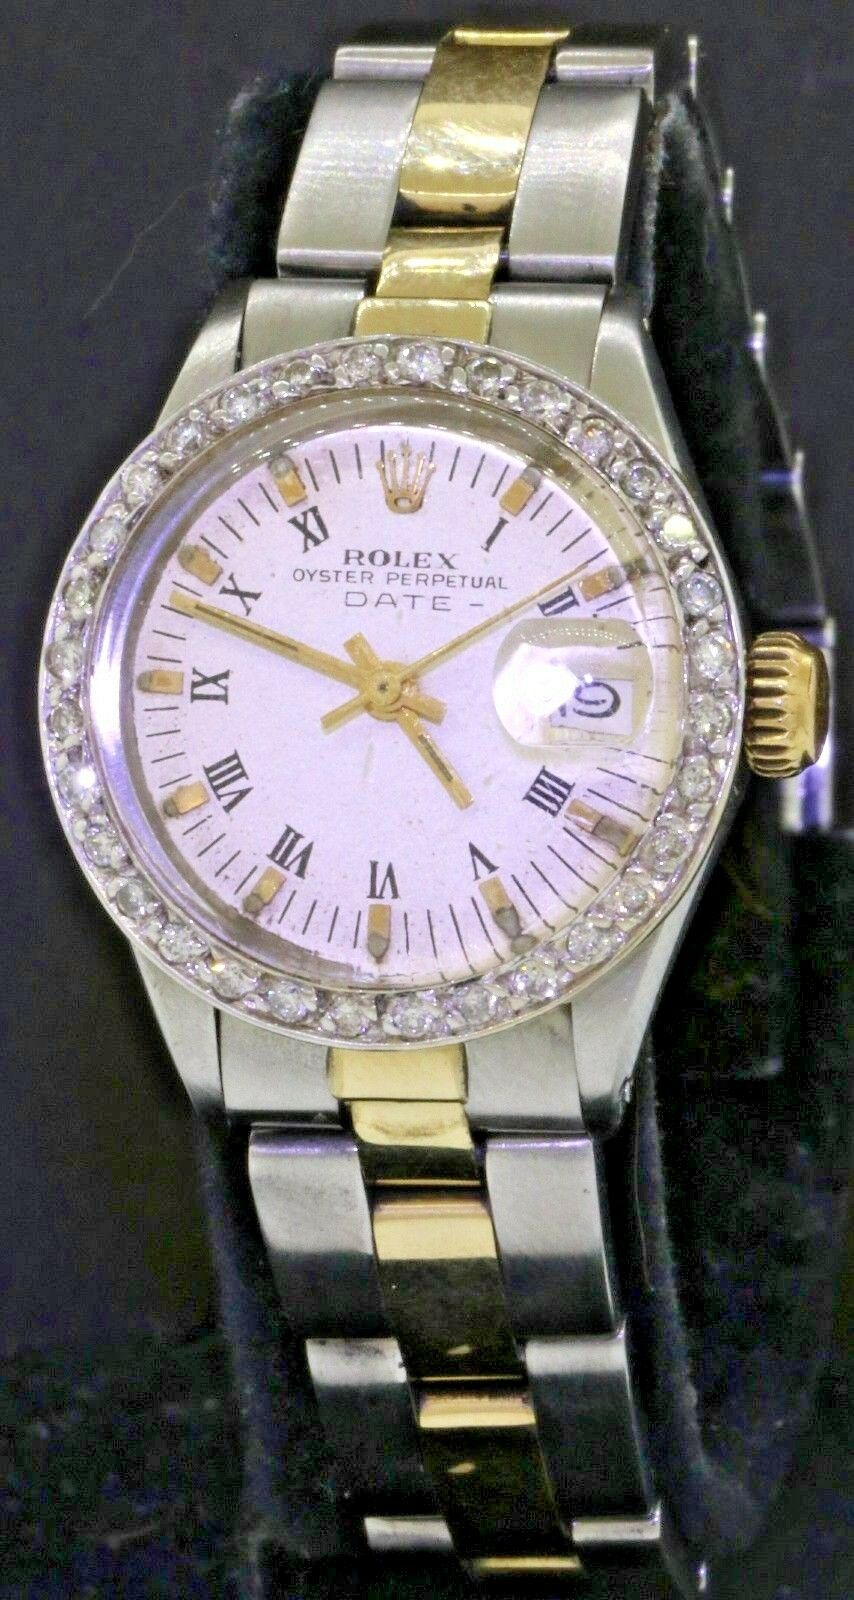 $1625.00 - Rolex Date 6517 elegant SS/14K gold automatic lady's watch w/ diamond bezel